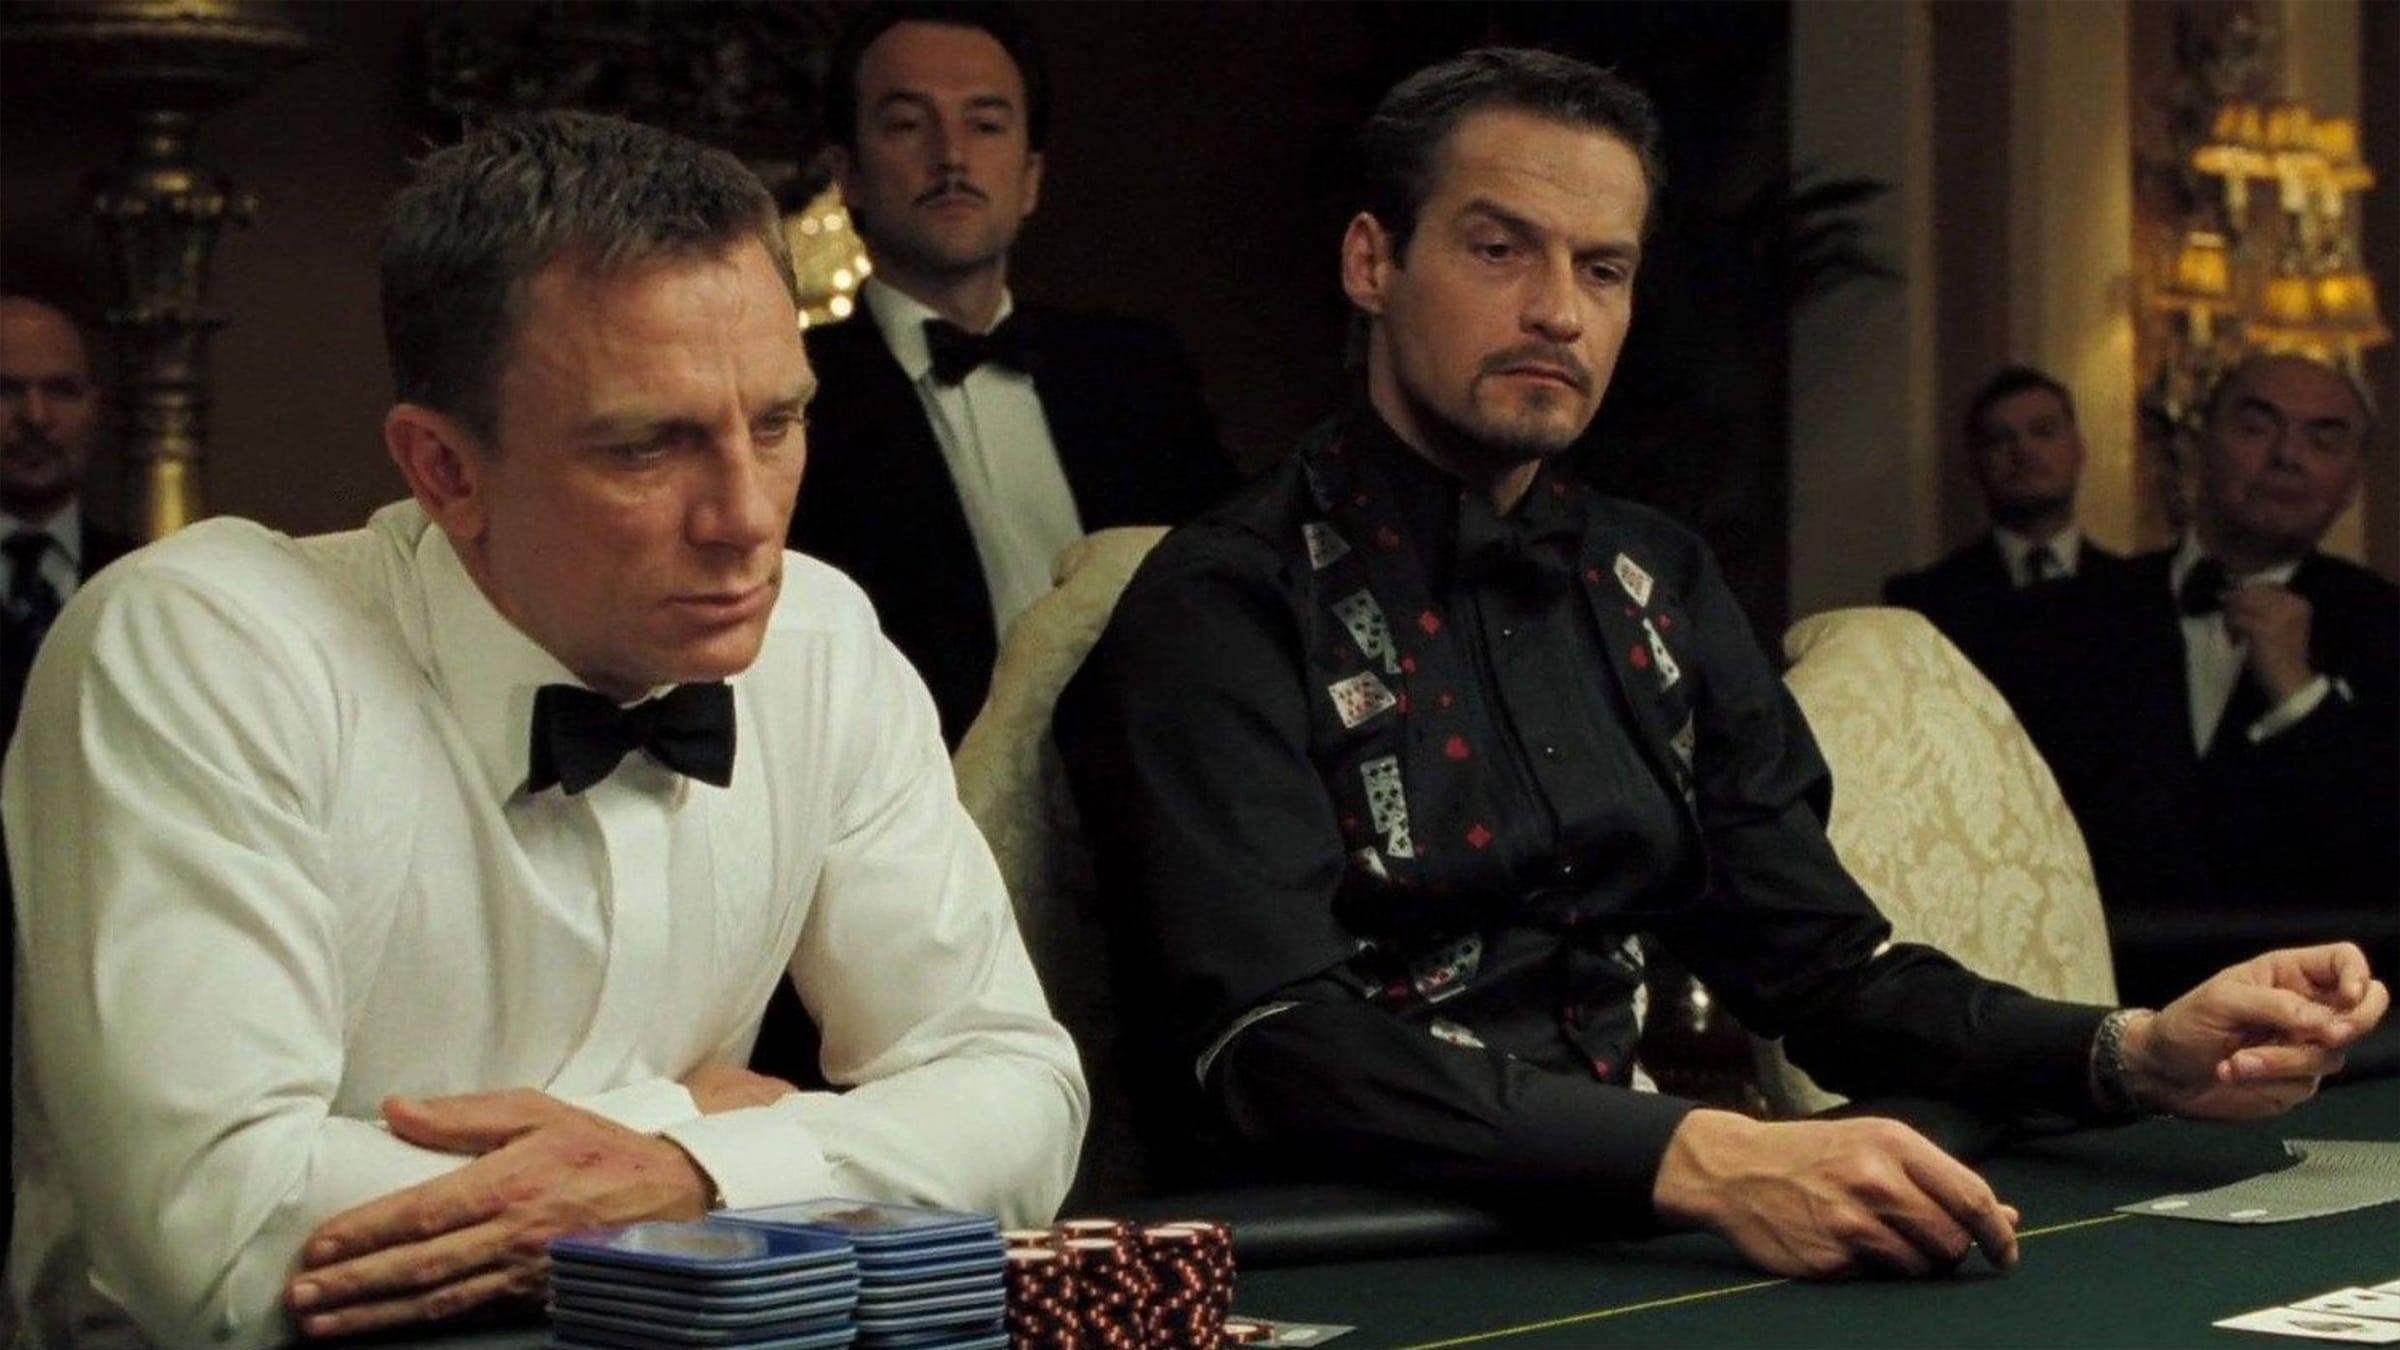 Casino Royale Watch Online Hd